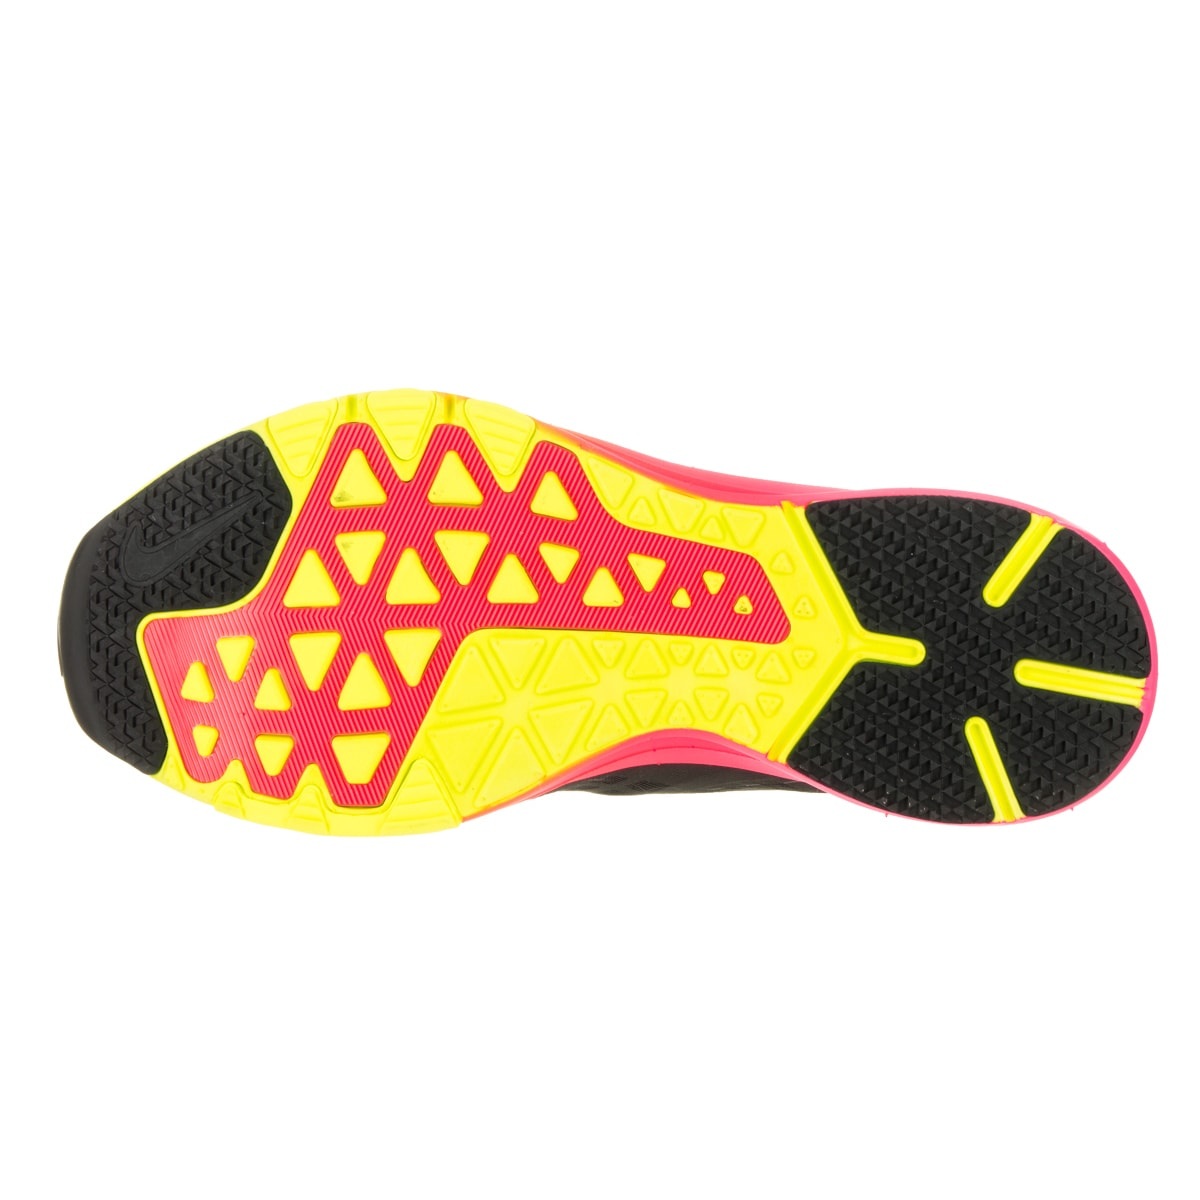 dolor de cabeza perspectiva calibre  Nike Men's Train Quick Multi/Color/Multi/Color Training Shoe - Overstock -  13392225